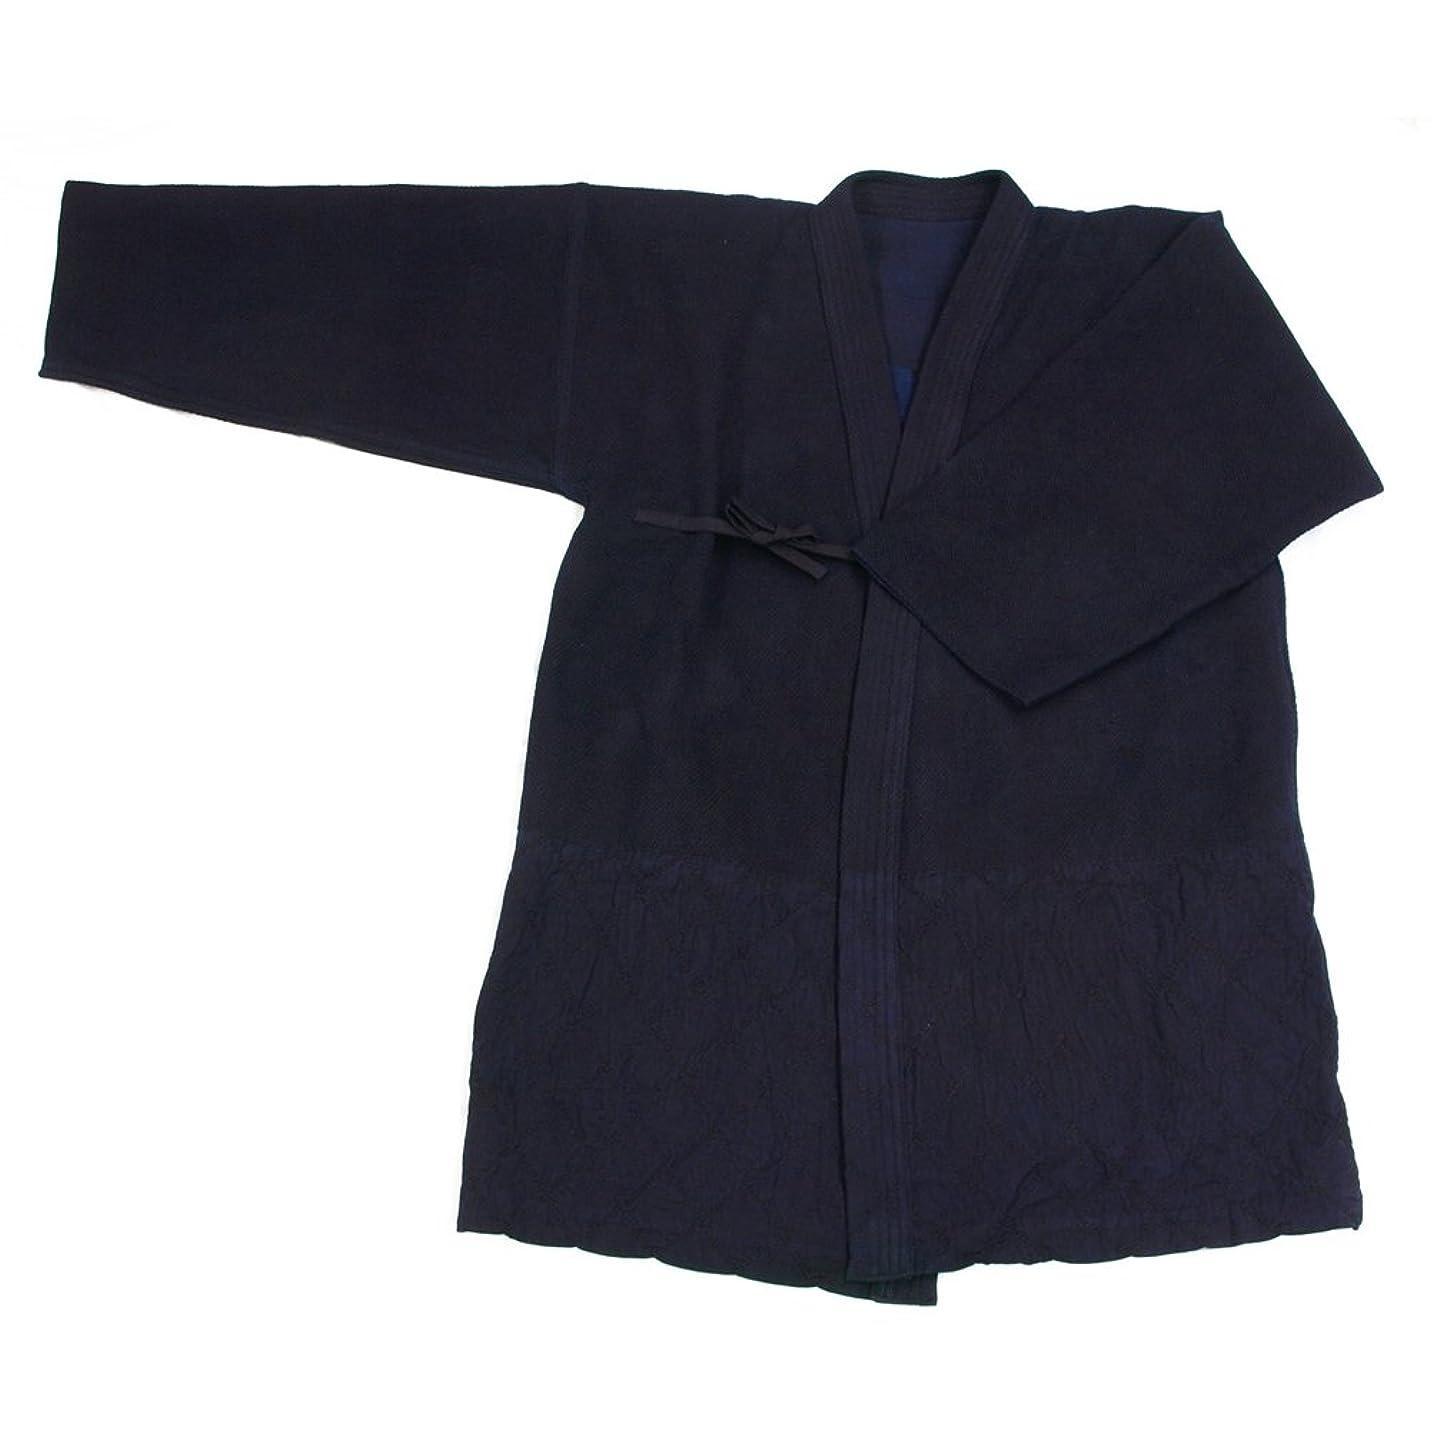 突然の通信するエンジニアリング剣道着 総手刺 背継 武州紺正藍染 オーダーメイド 日本製